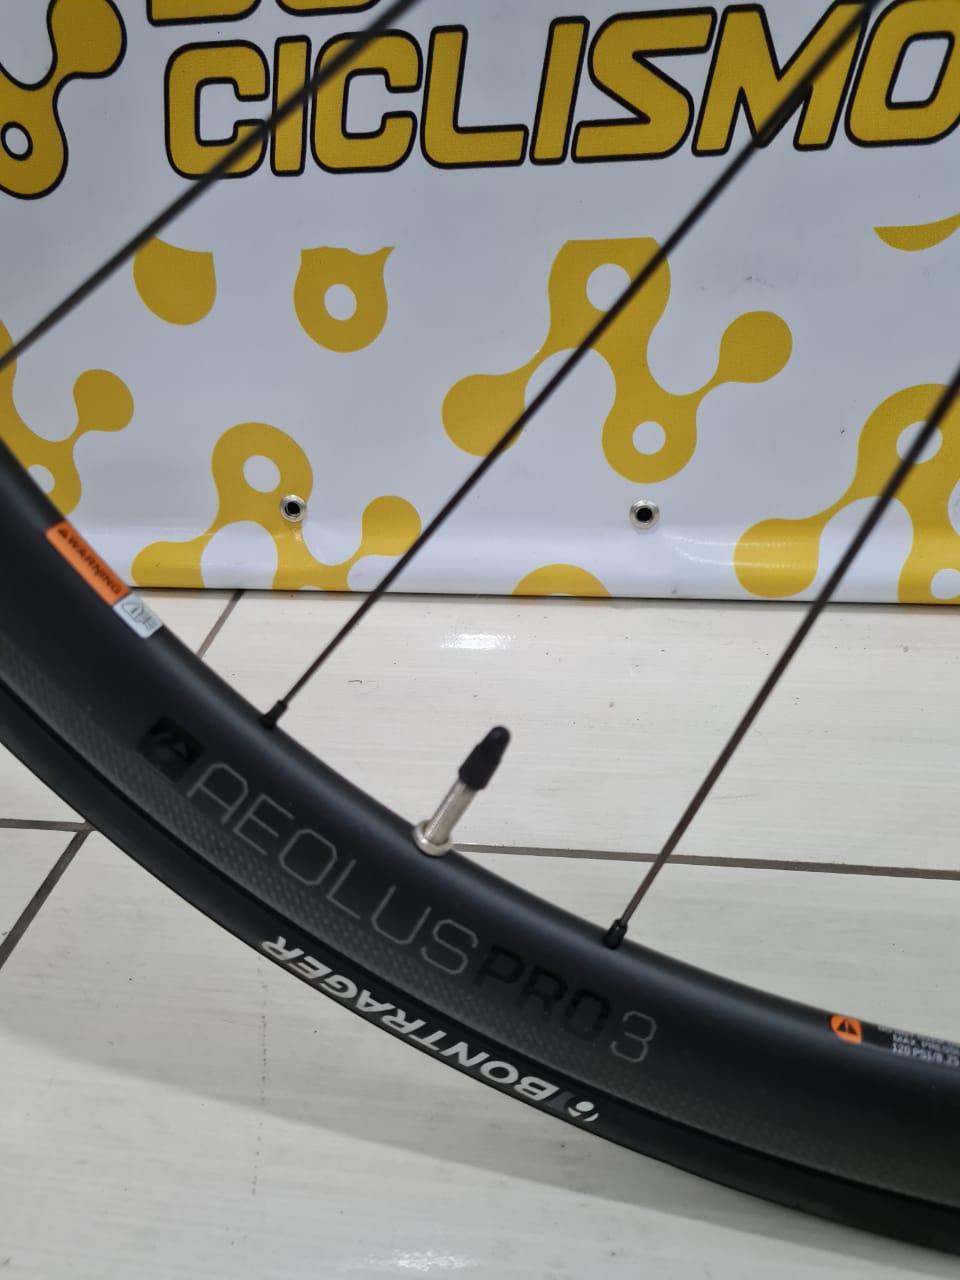 Bicicleta Trek Emonda SLR 8 Shimano Dura-Ace 9100 - tamanho 56cm (Produto usado)